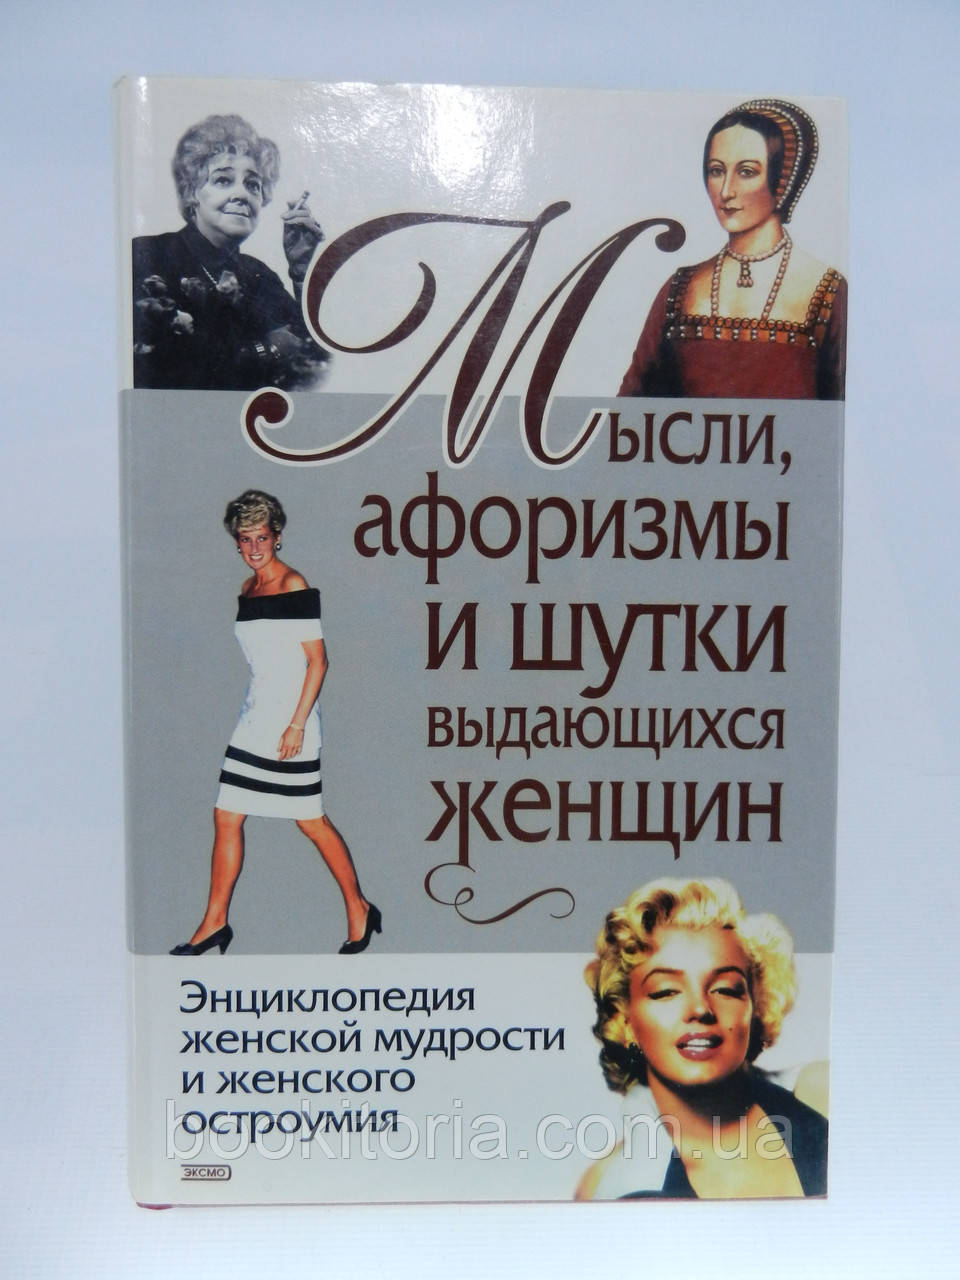 Душенко К.В., Манчха Г.П. Мысли, афоризмы и шутки выдающихся женщин (б/у).